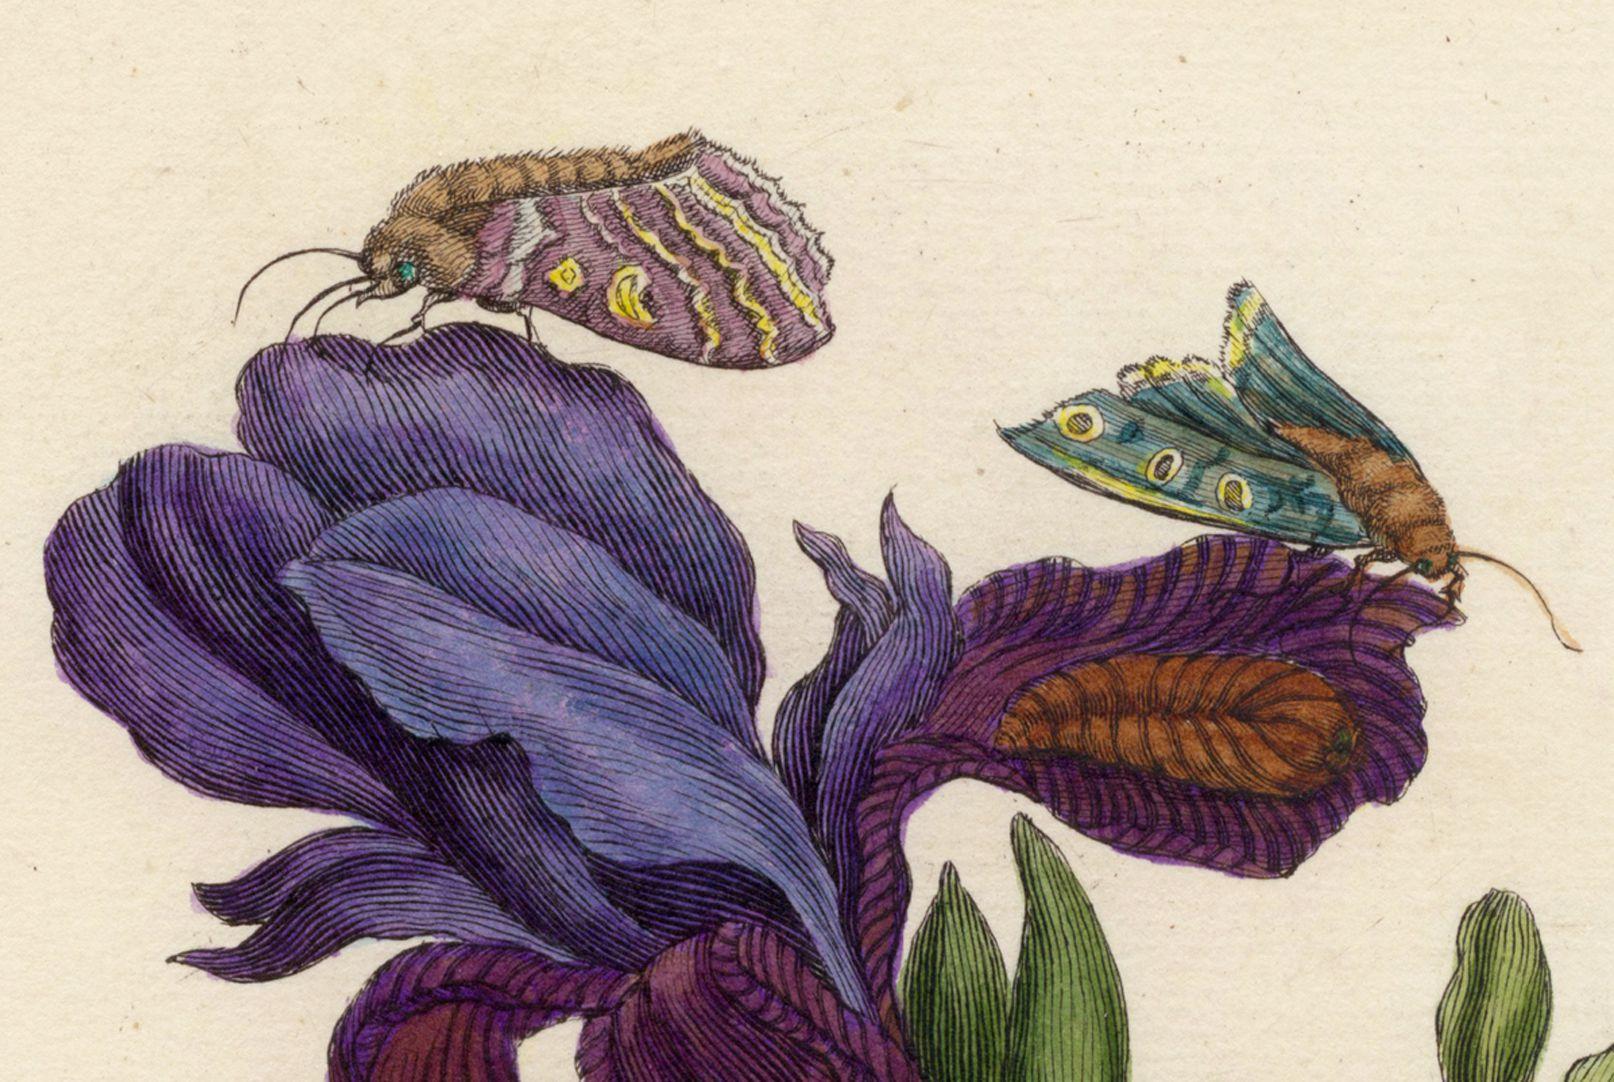 Iris Upper half of the sheet, detail